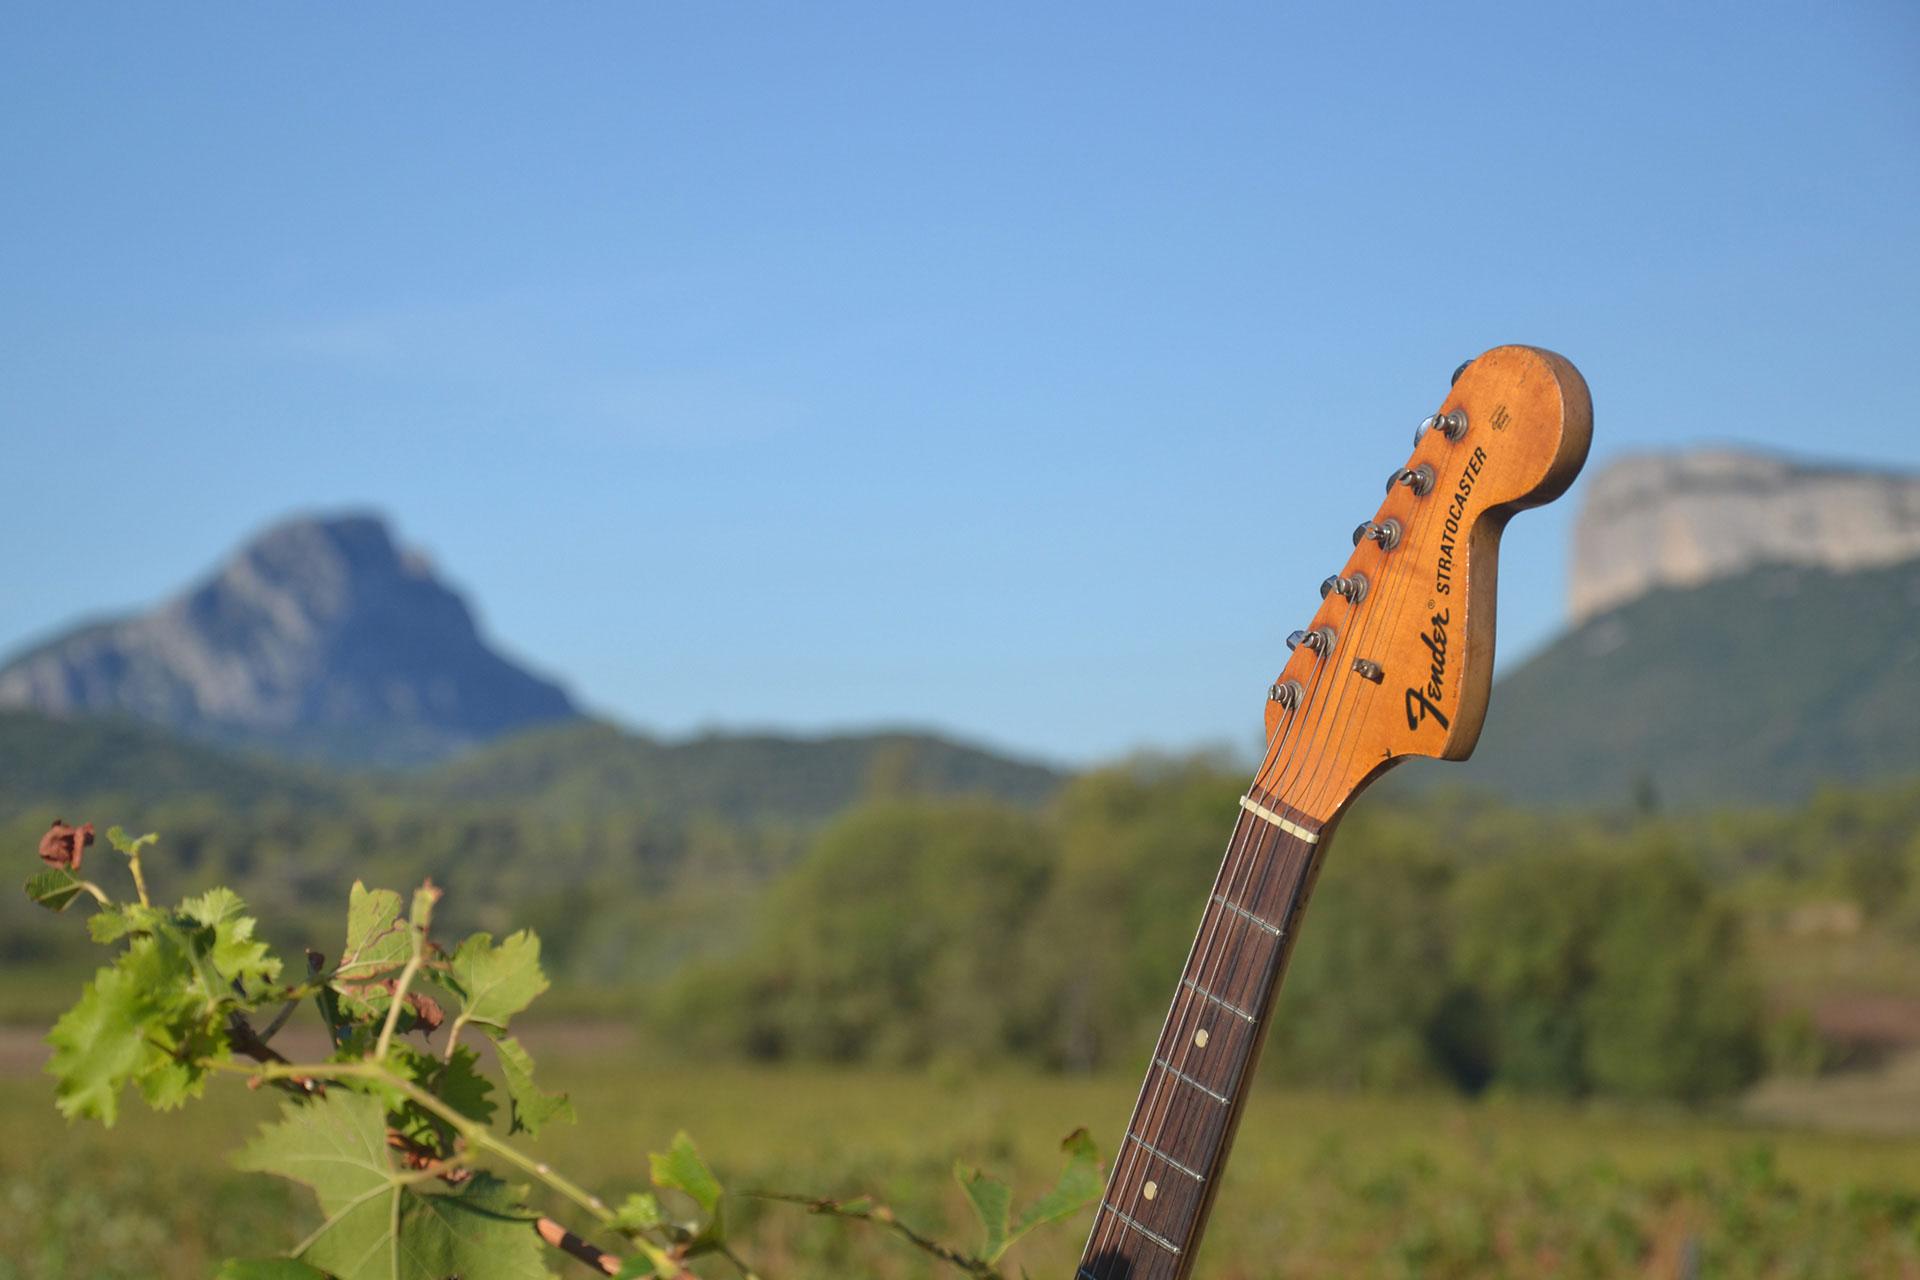 Guitare dans un champ de vignes du Pic Saint Loup pour le festival musique & vins du Festapic